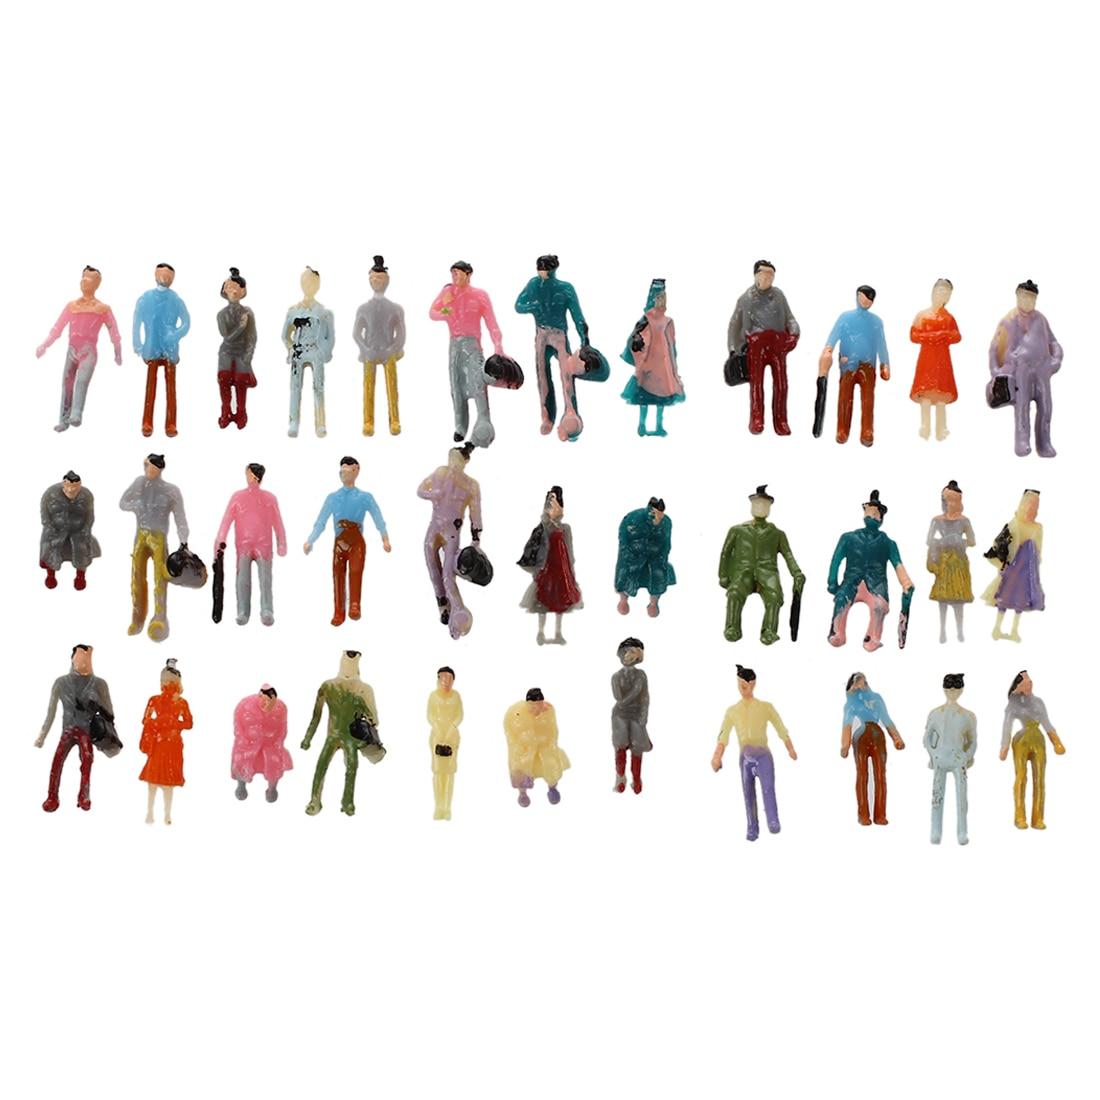 100pcs Painted Model Train Passenger People Figures Scale 1:150